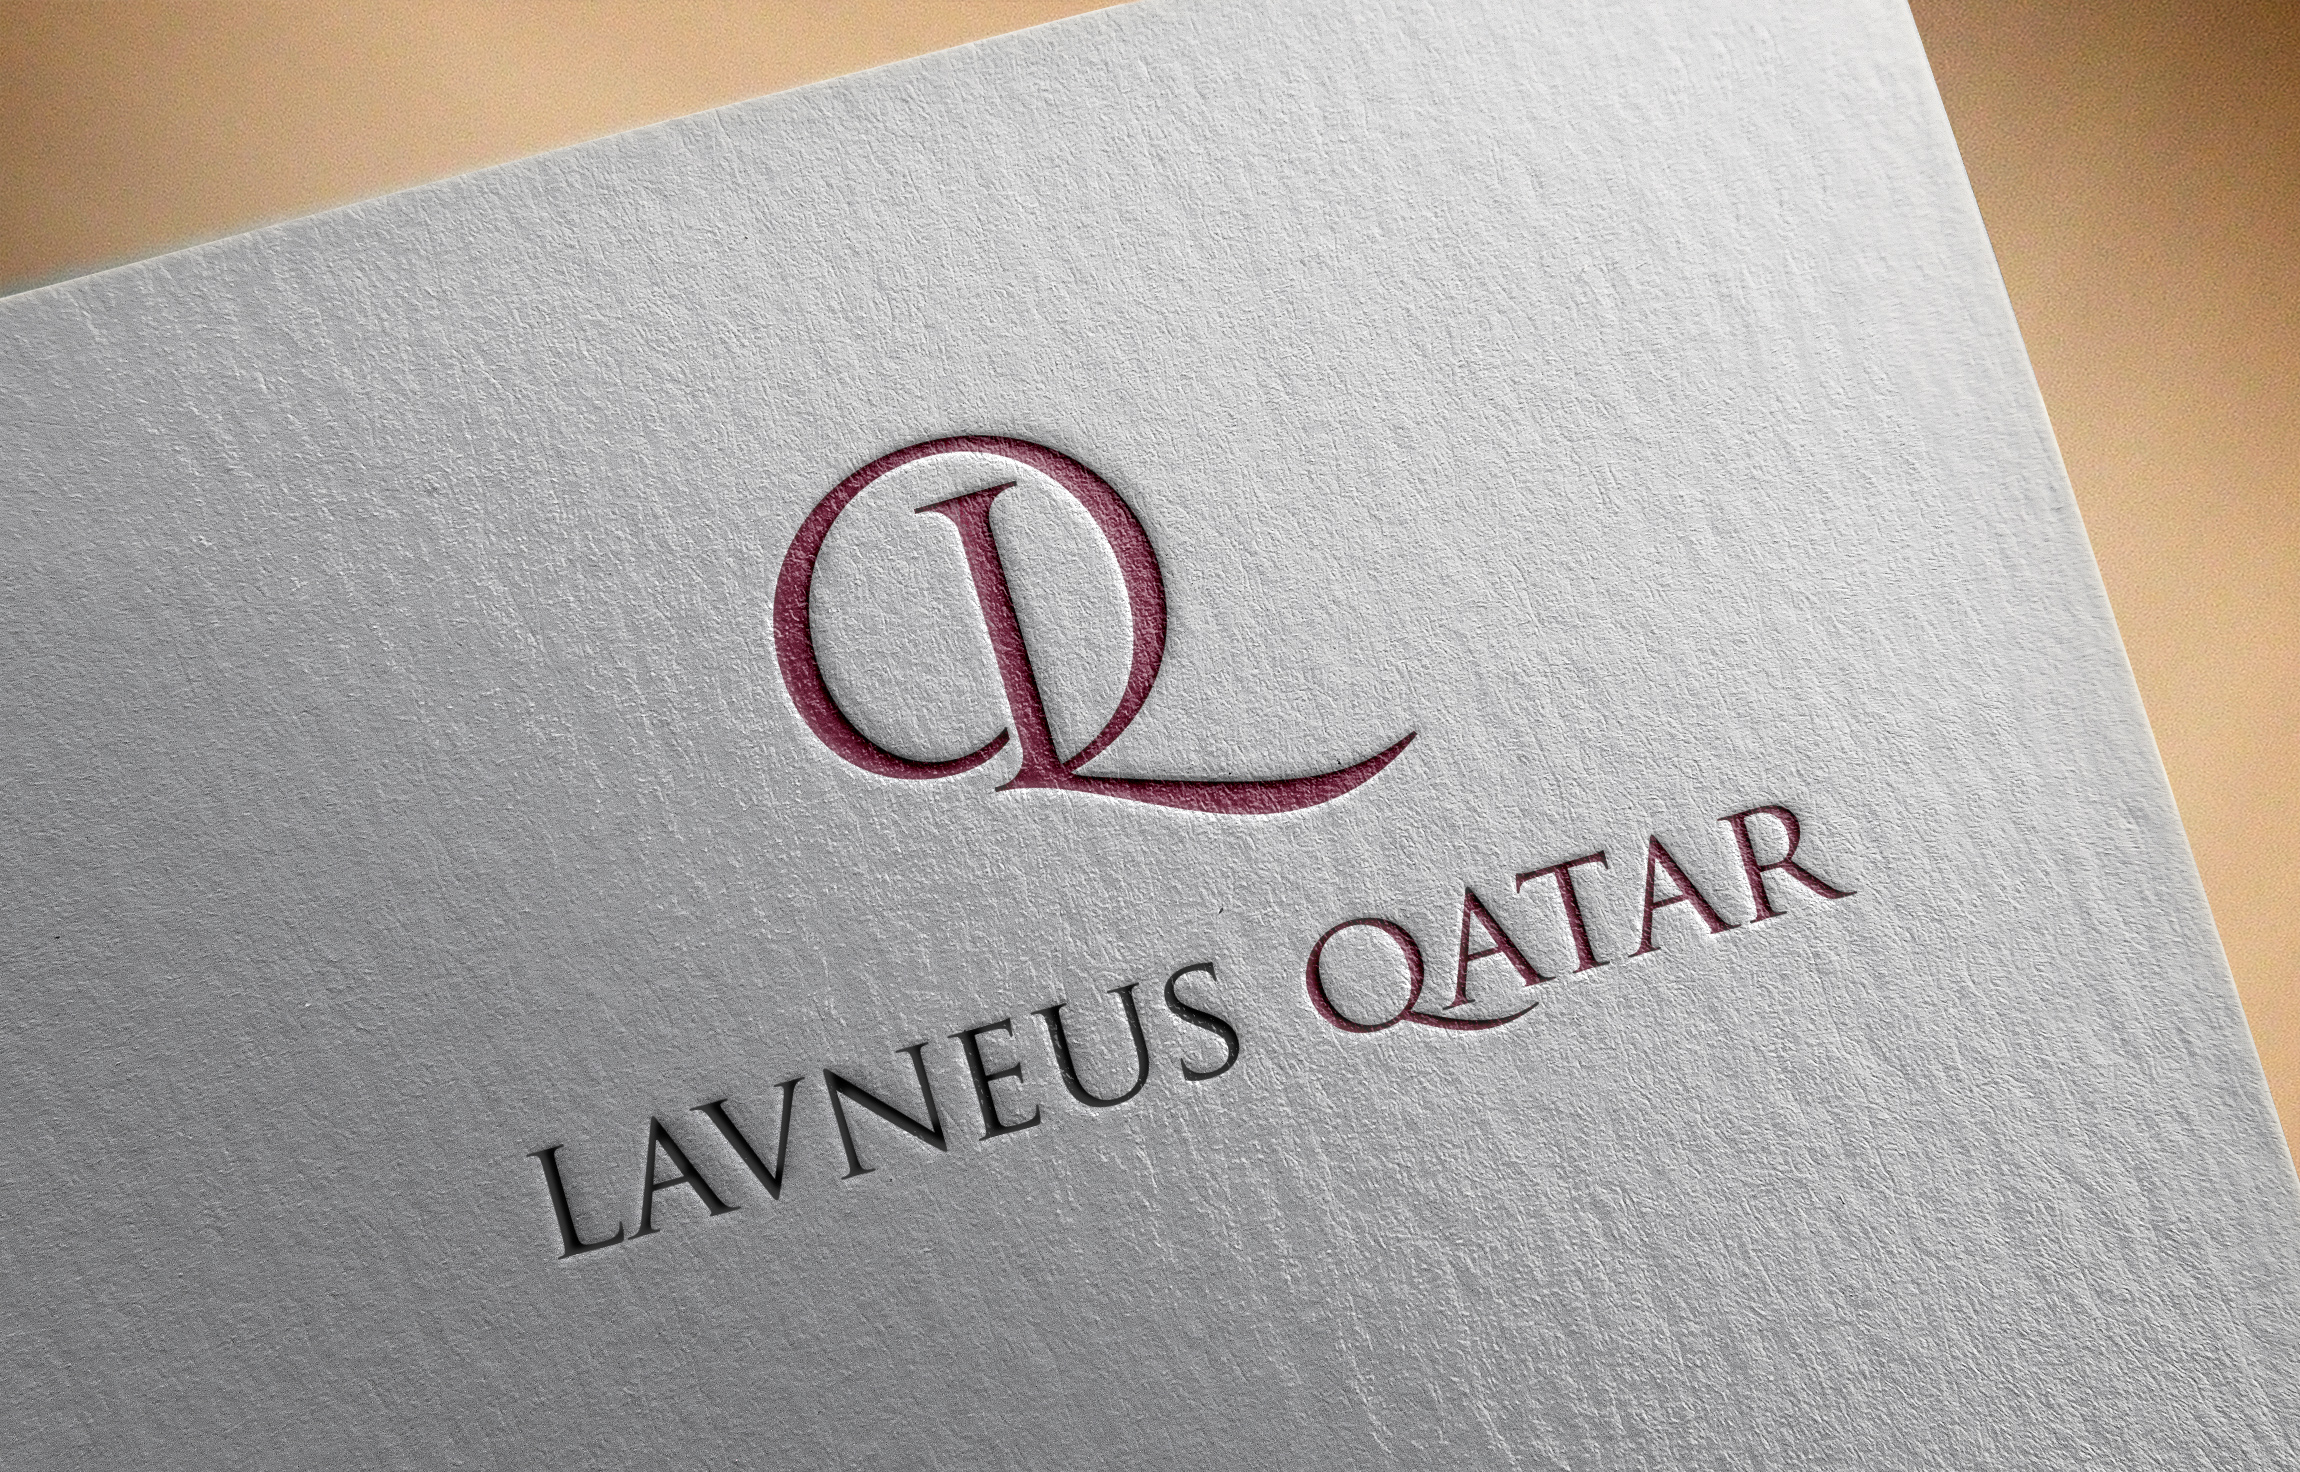 Logo Design by MD SHOHIDUL ISLAM - Entry No. 69 in the Logo Design Contest Imaginative Logo Design for lavneus qatar.